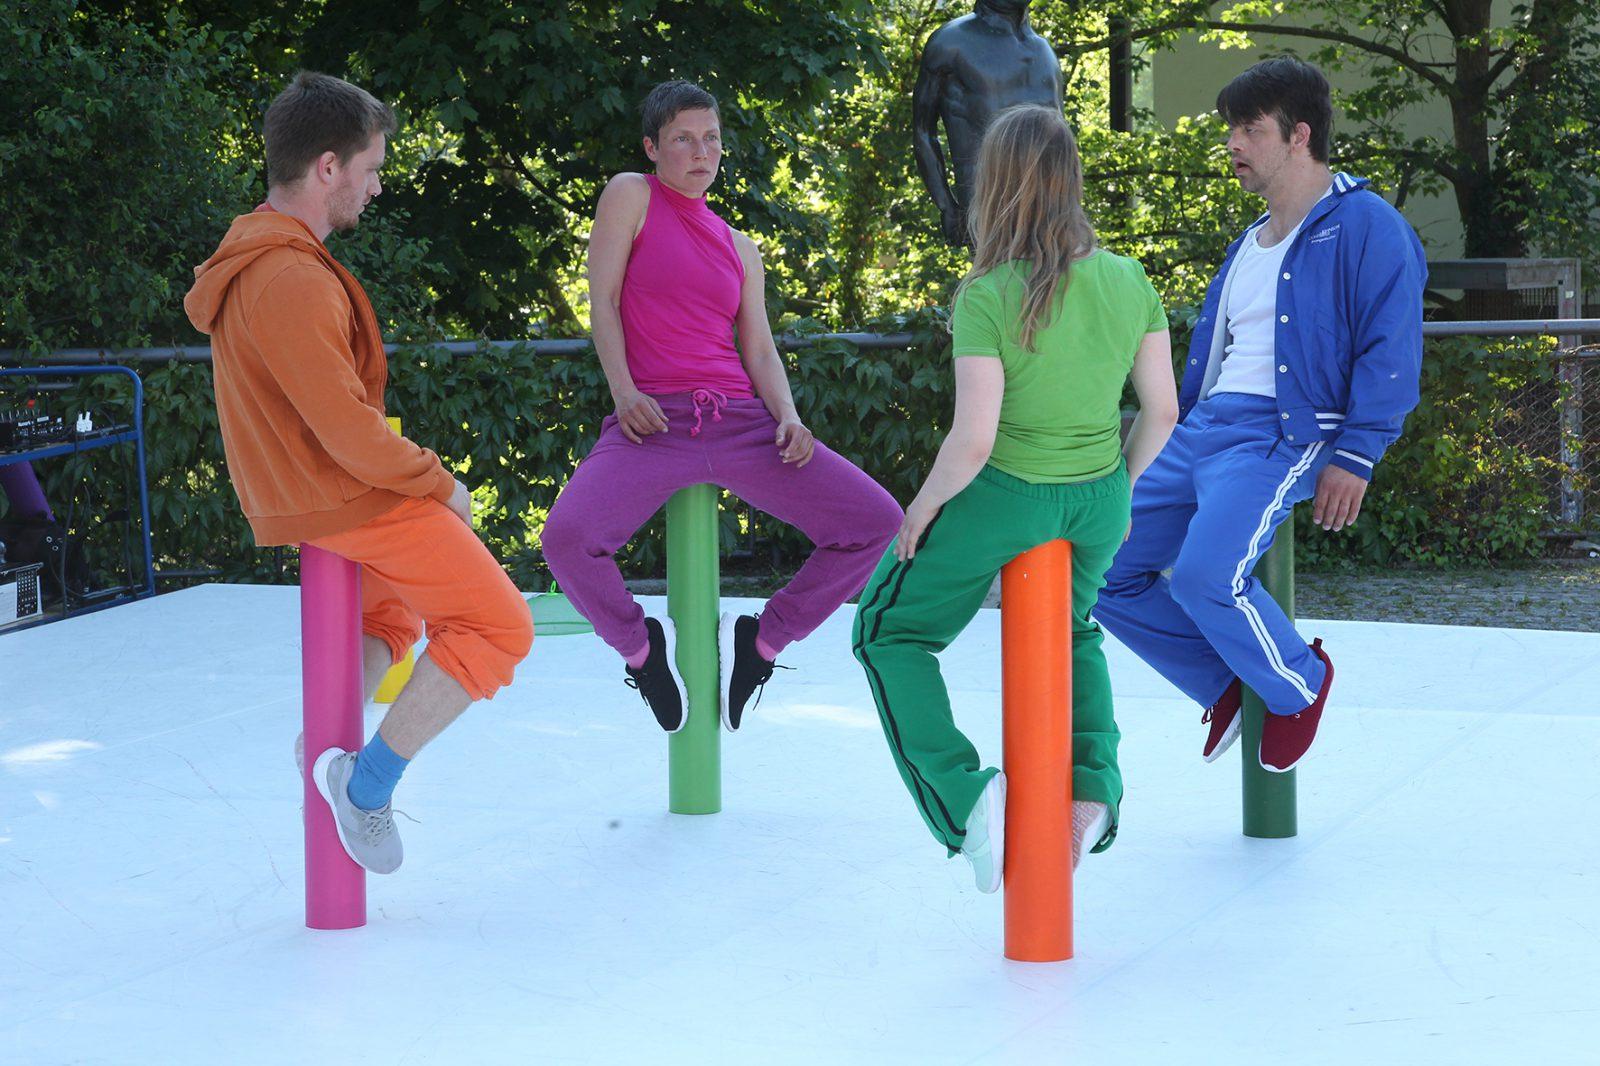 vier TänzerInnen sitzen auf aufgestellten Rohren gegenüber